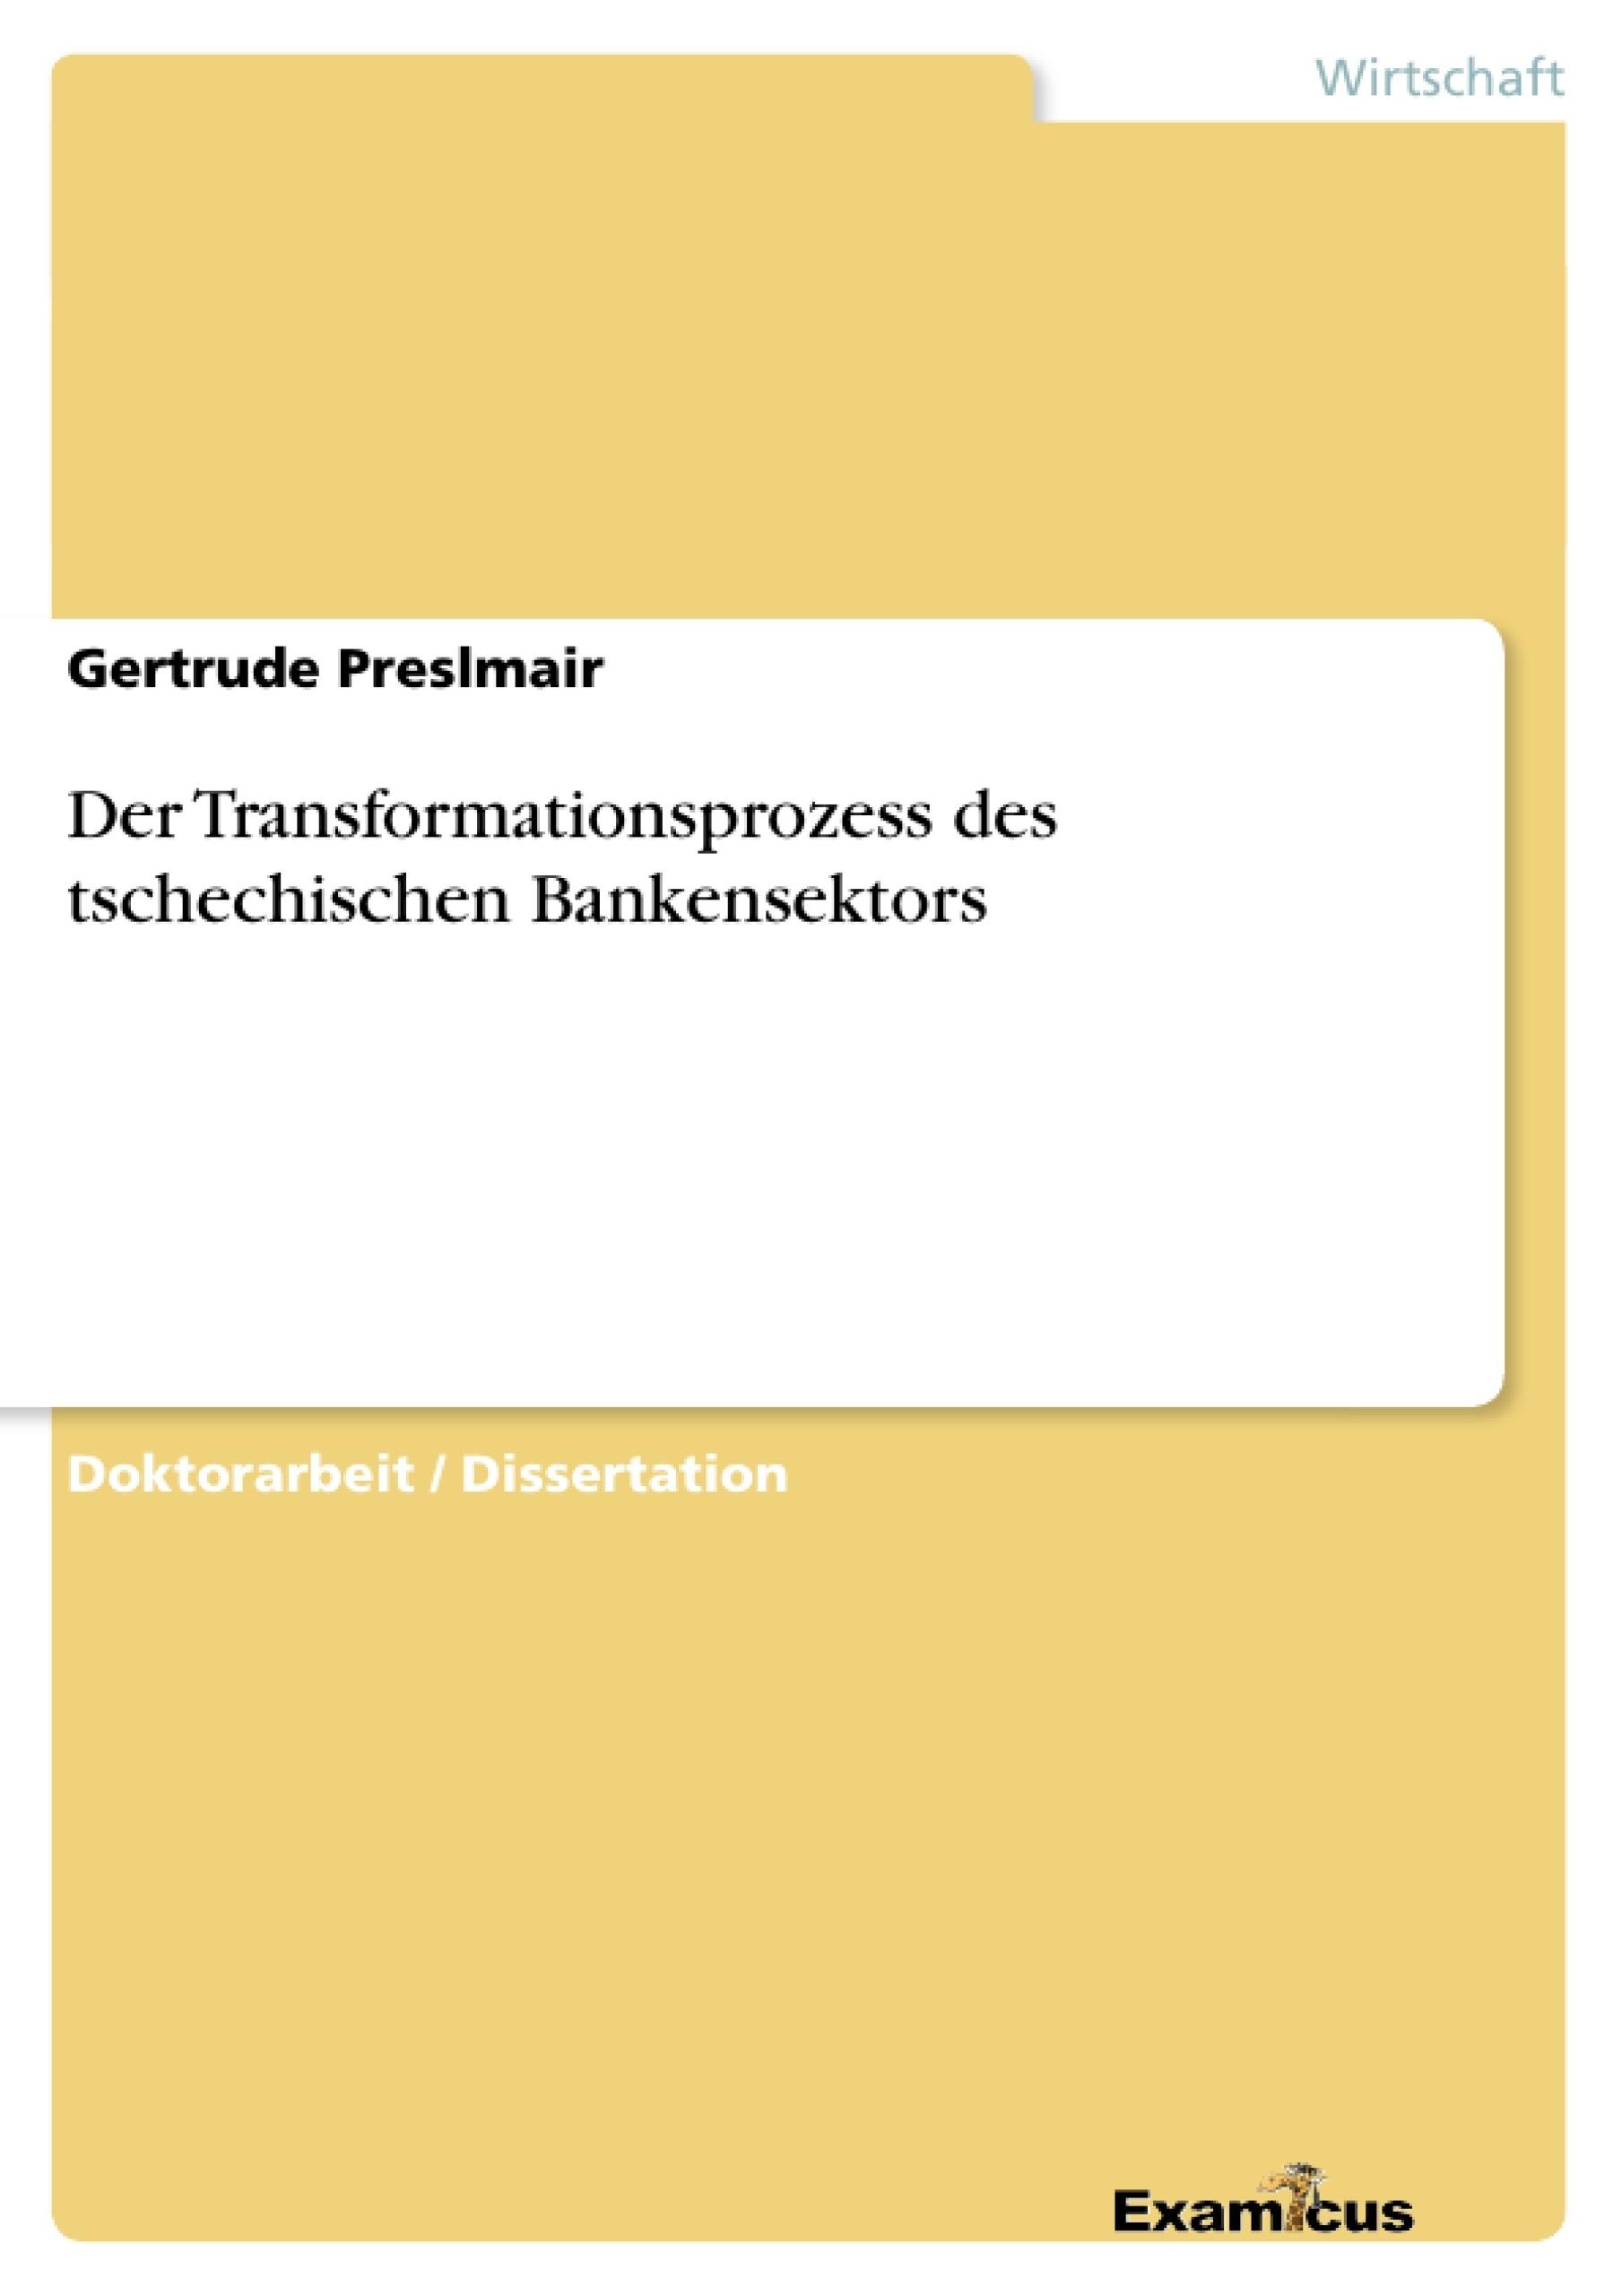 Titel: Der Transformationsprozess des tschechischen Bankensektors